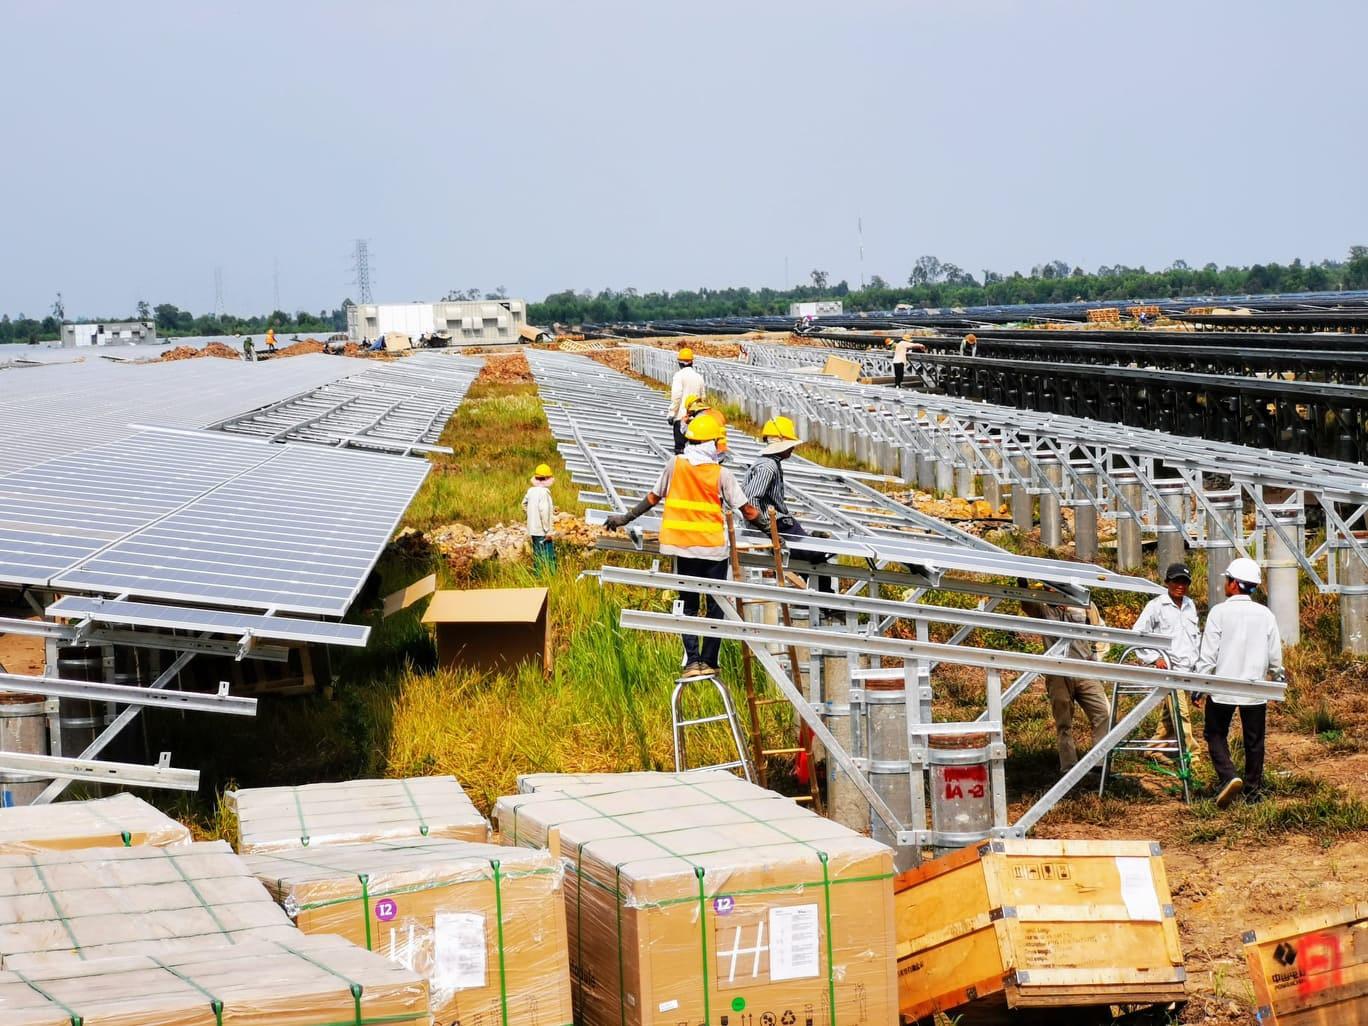 Giá điện mặt trời lao dốc: Nhà đầu tư tưởng dễ làm, nay đứng trước nguy cơ phá sản!